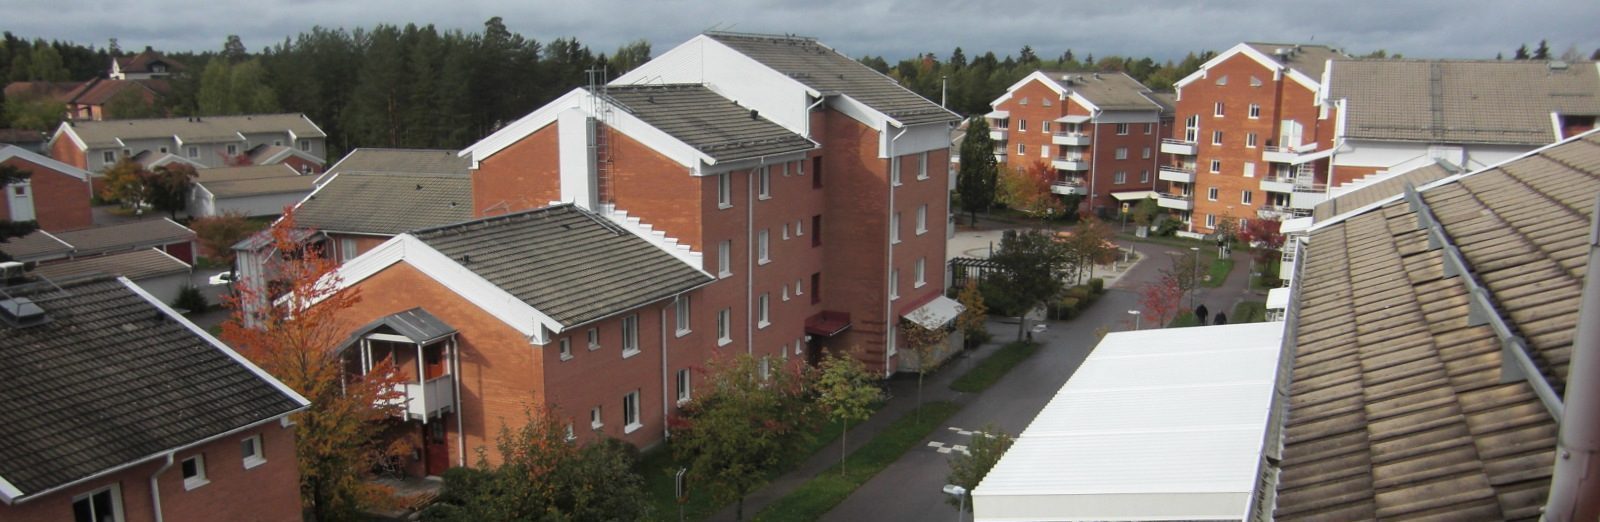 BRF Uppsalahus 30